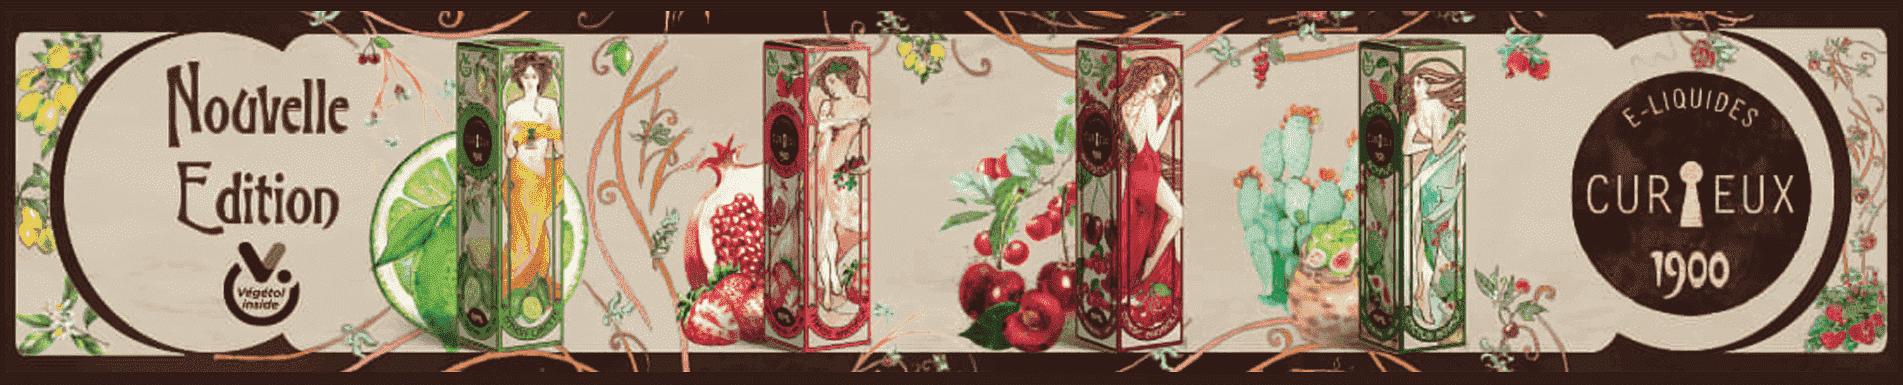 E-liquide Edition 1900 par Curieux, format Mix'n'Vape